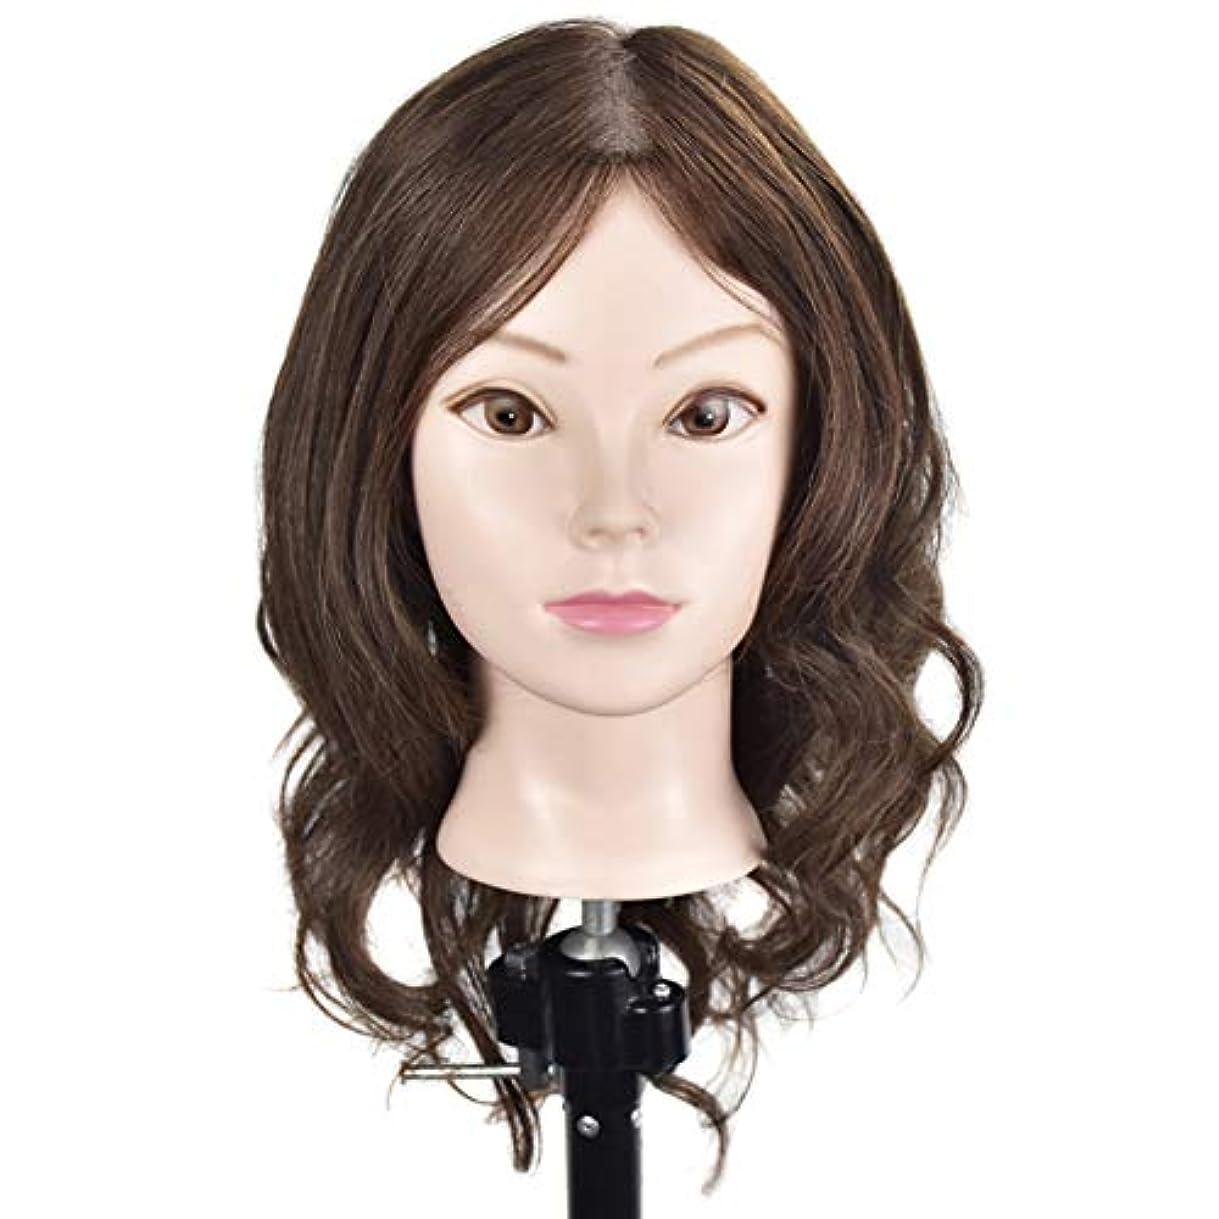 敬意を表するソーシャル漁師専門の練習ホット染色漂白はさみモデリングマネキン髪編組髪かつら女性モデルティーチングヘッド